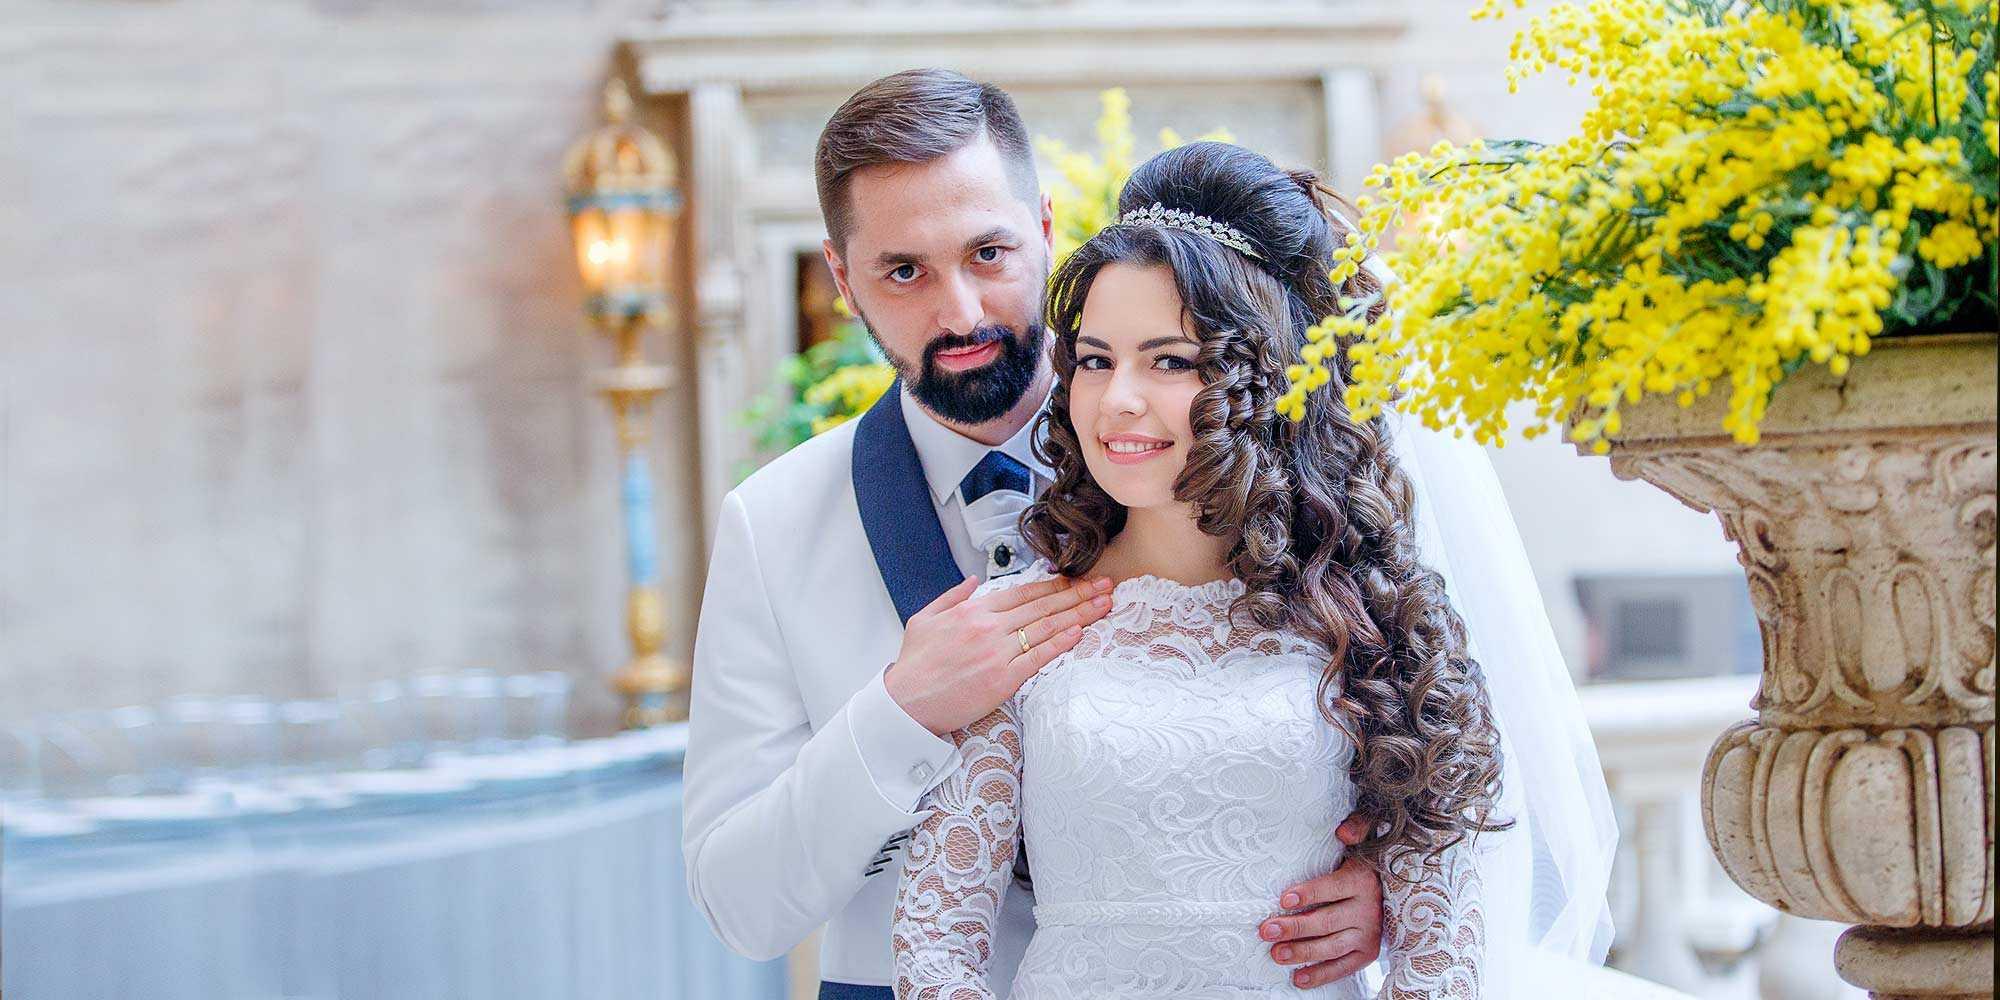 фотограф на свадьбу московский